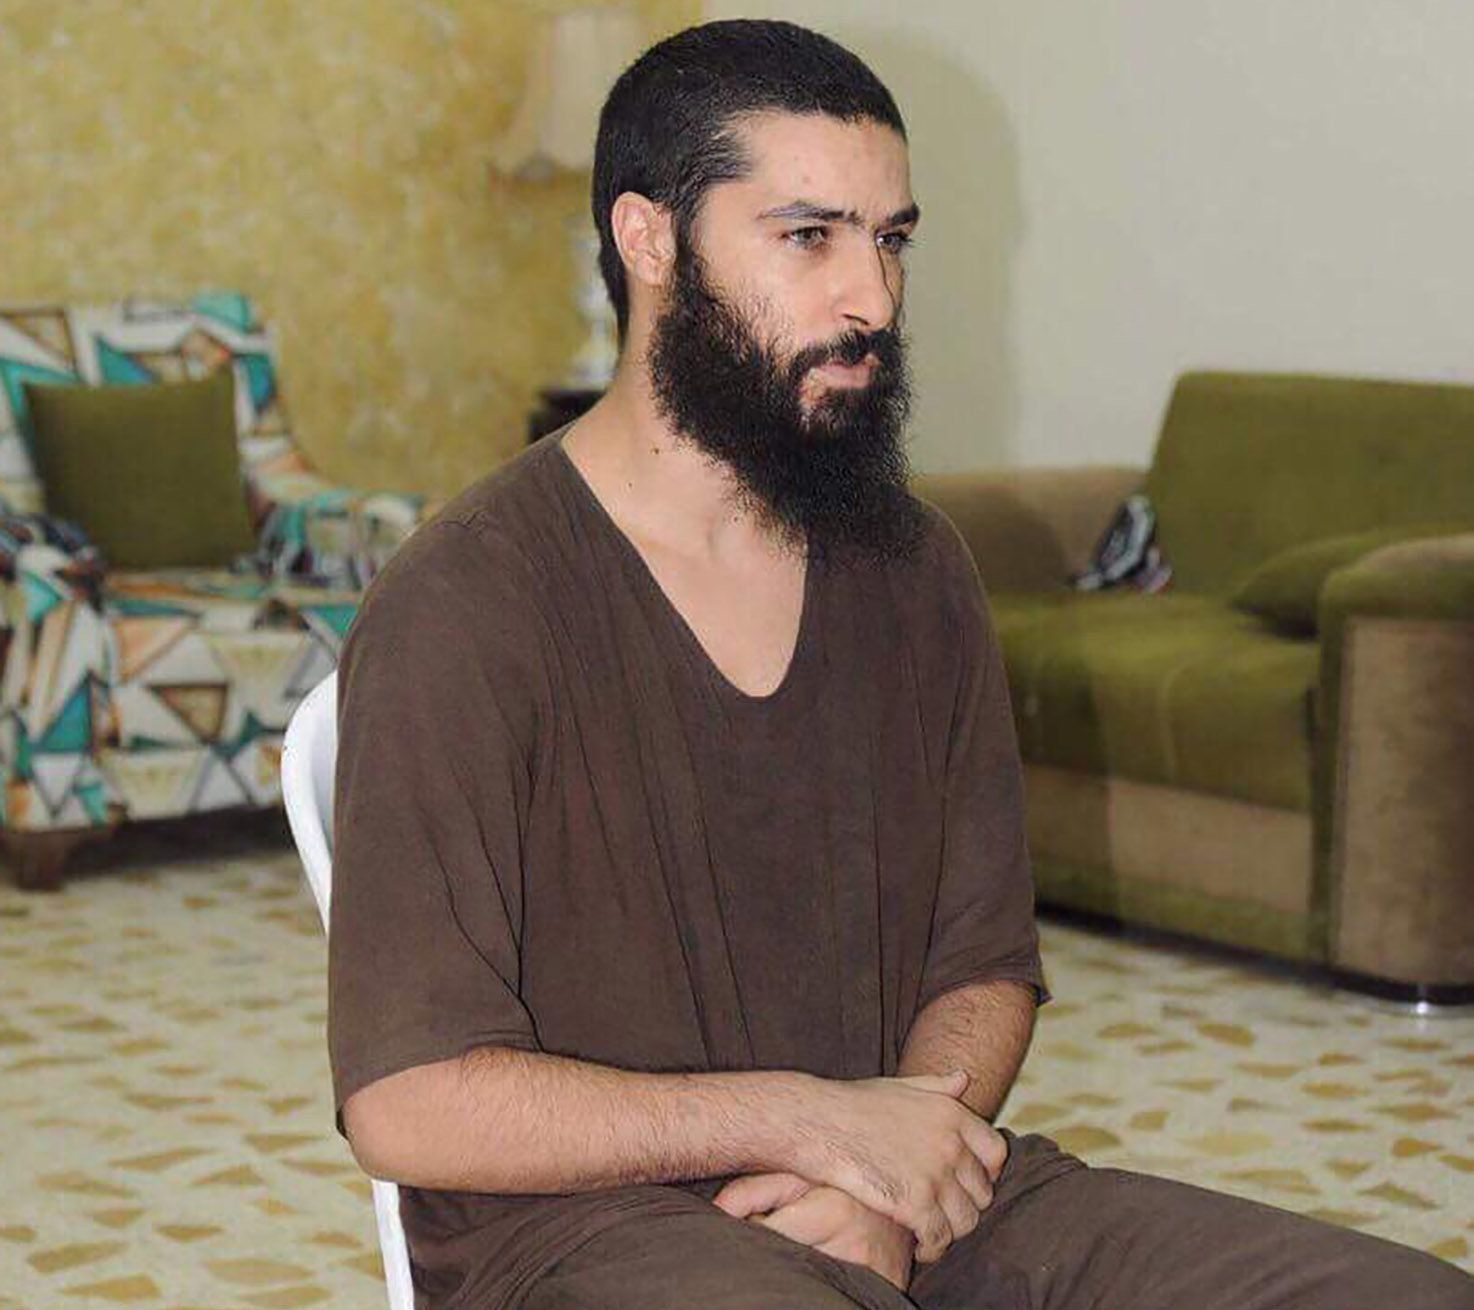 Irak: un djihadiste belge d'origine marocaine condamné à mort pour son appartenance à l'EI